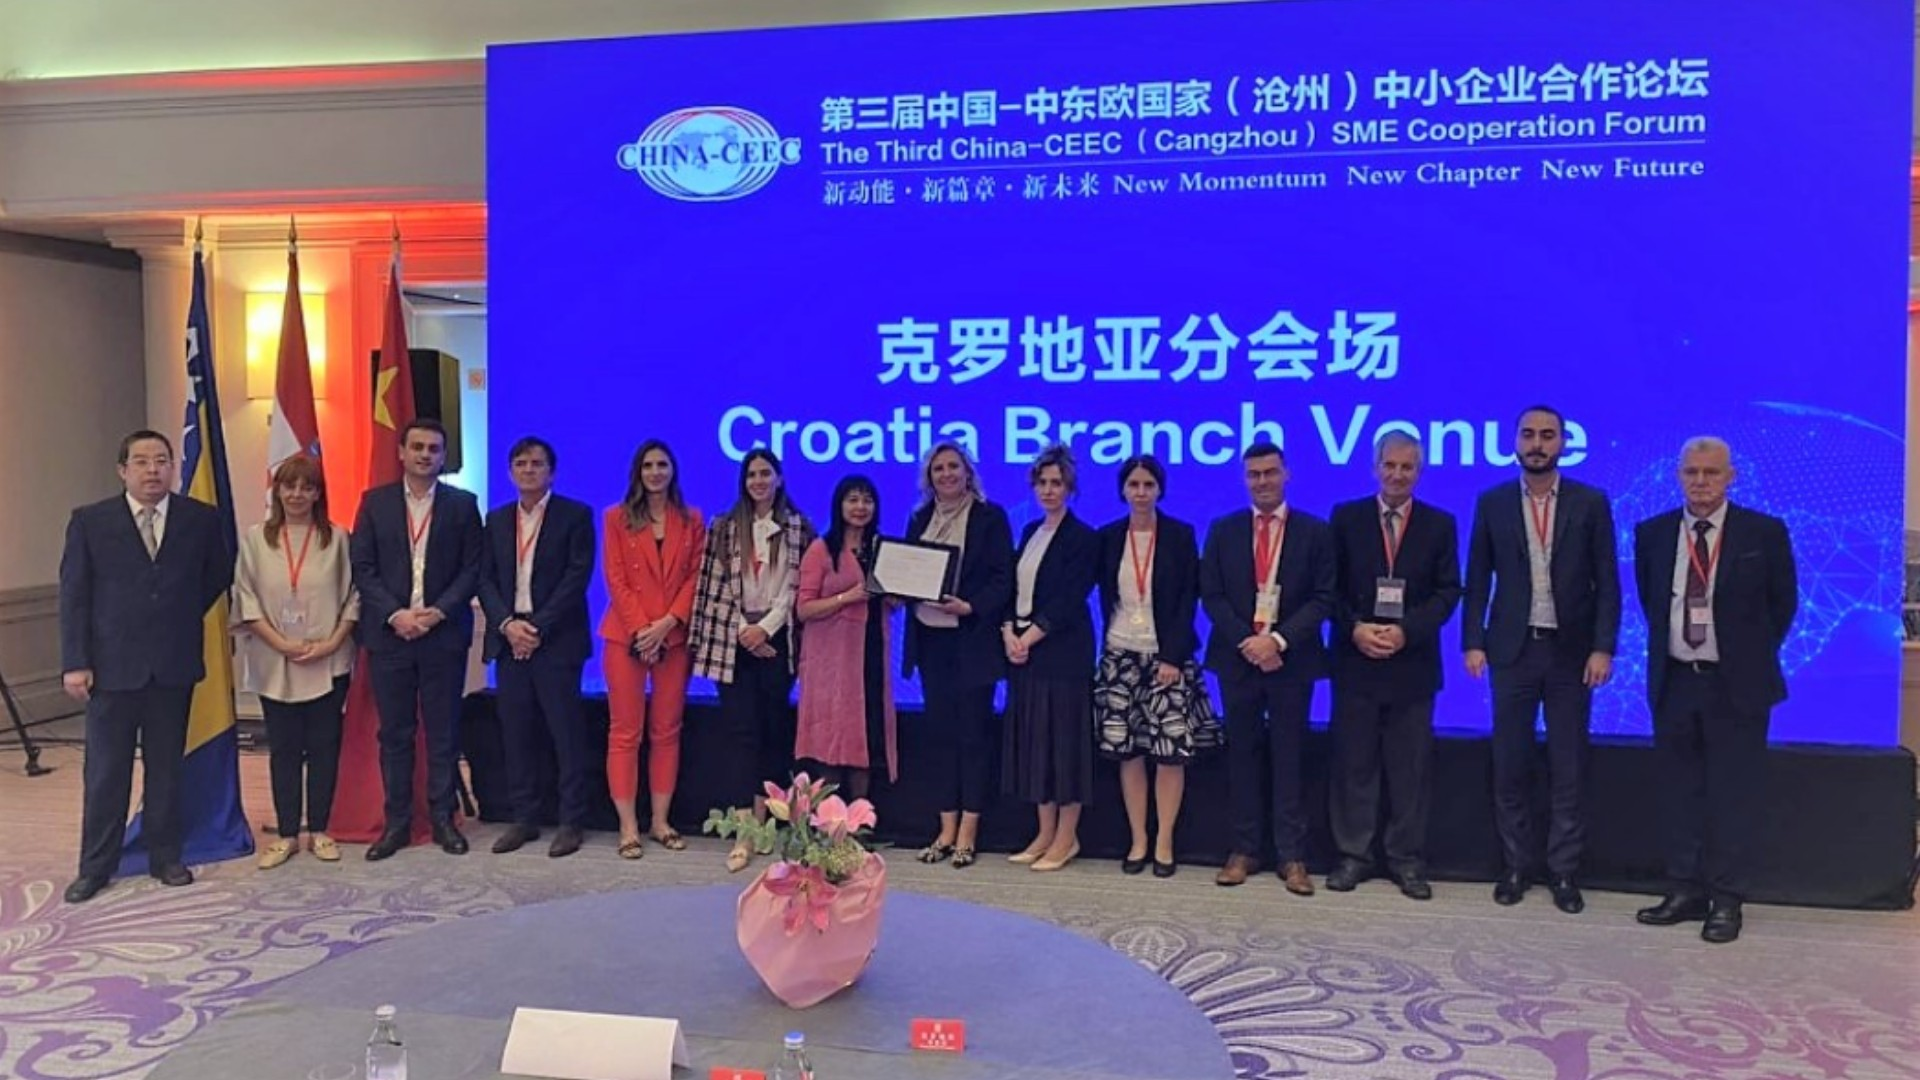 Prijedorčanka a.d. učesnik Foruma malih i srednjih preduzeća iz Kine i CIE